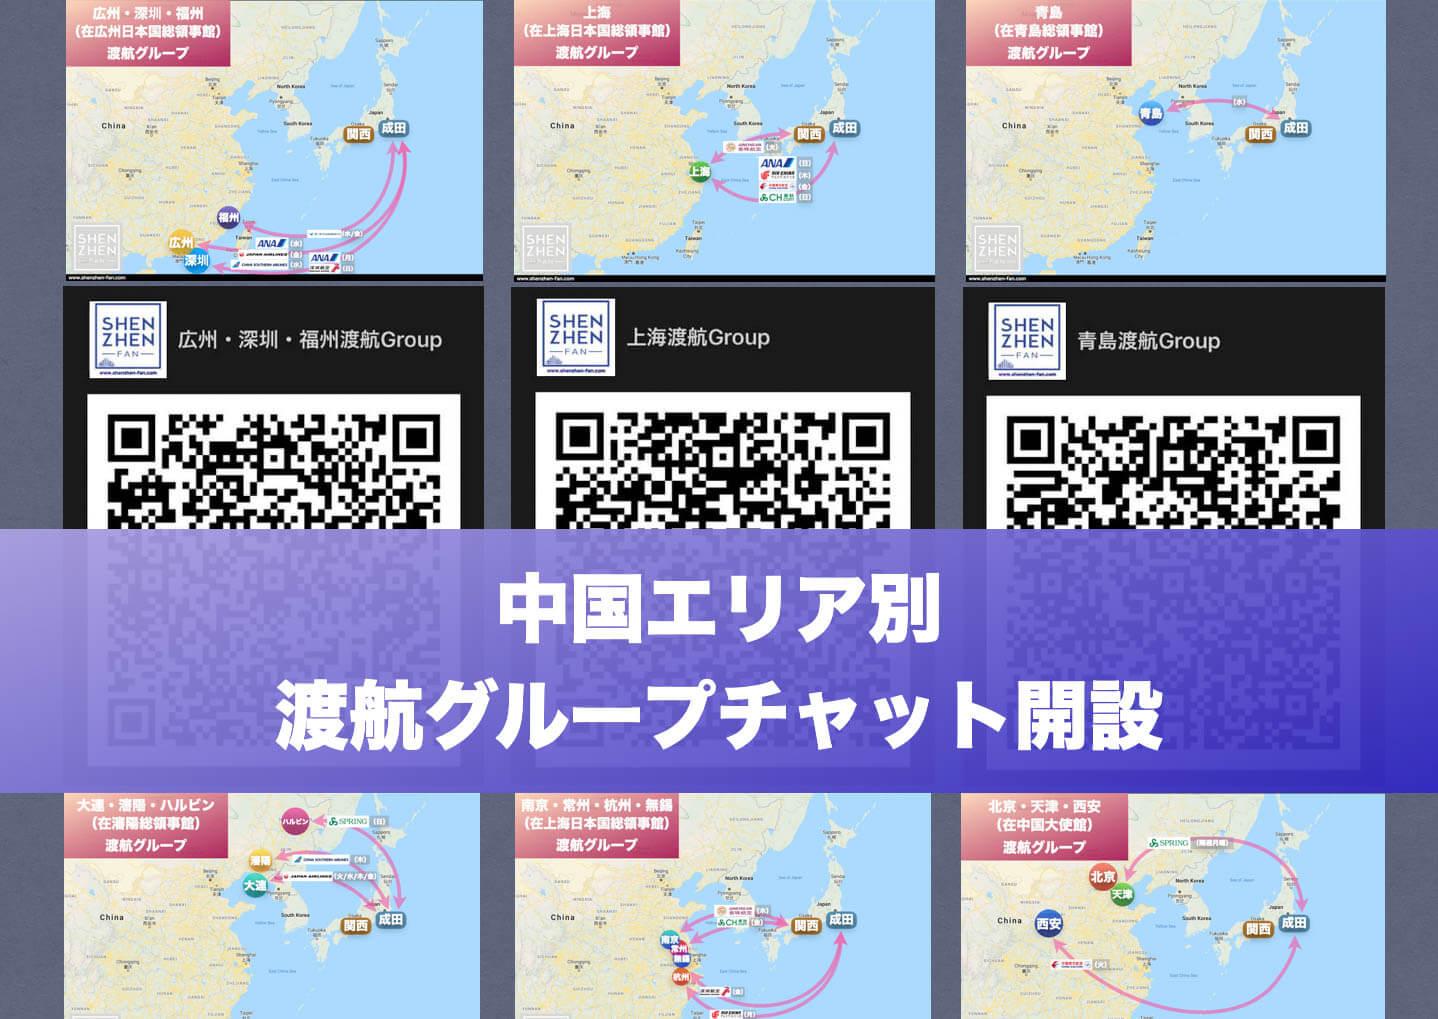 (1/21 更新)中国エリア別渡航グループチャット開設のお知らせ